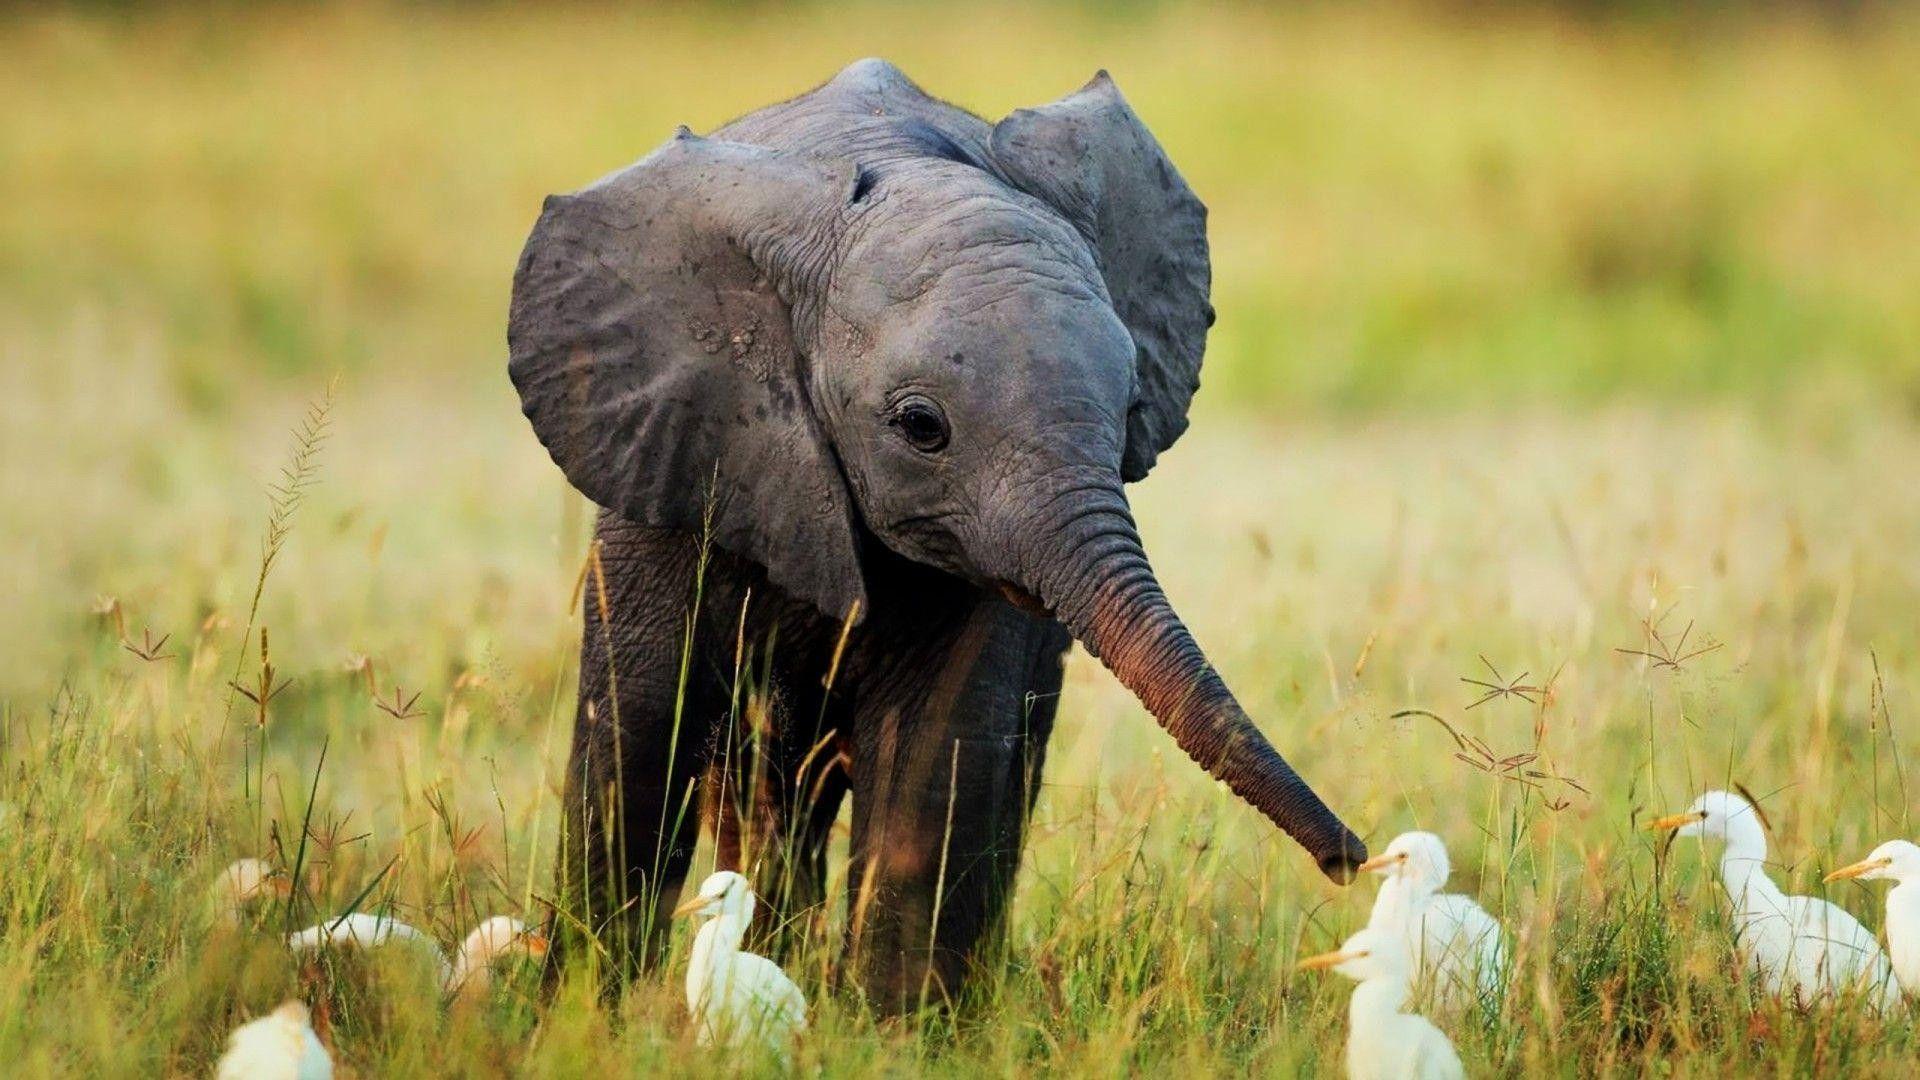 elephant desktop wallpaper free